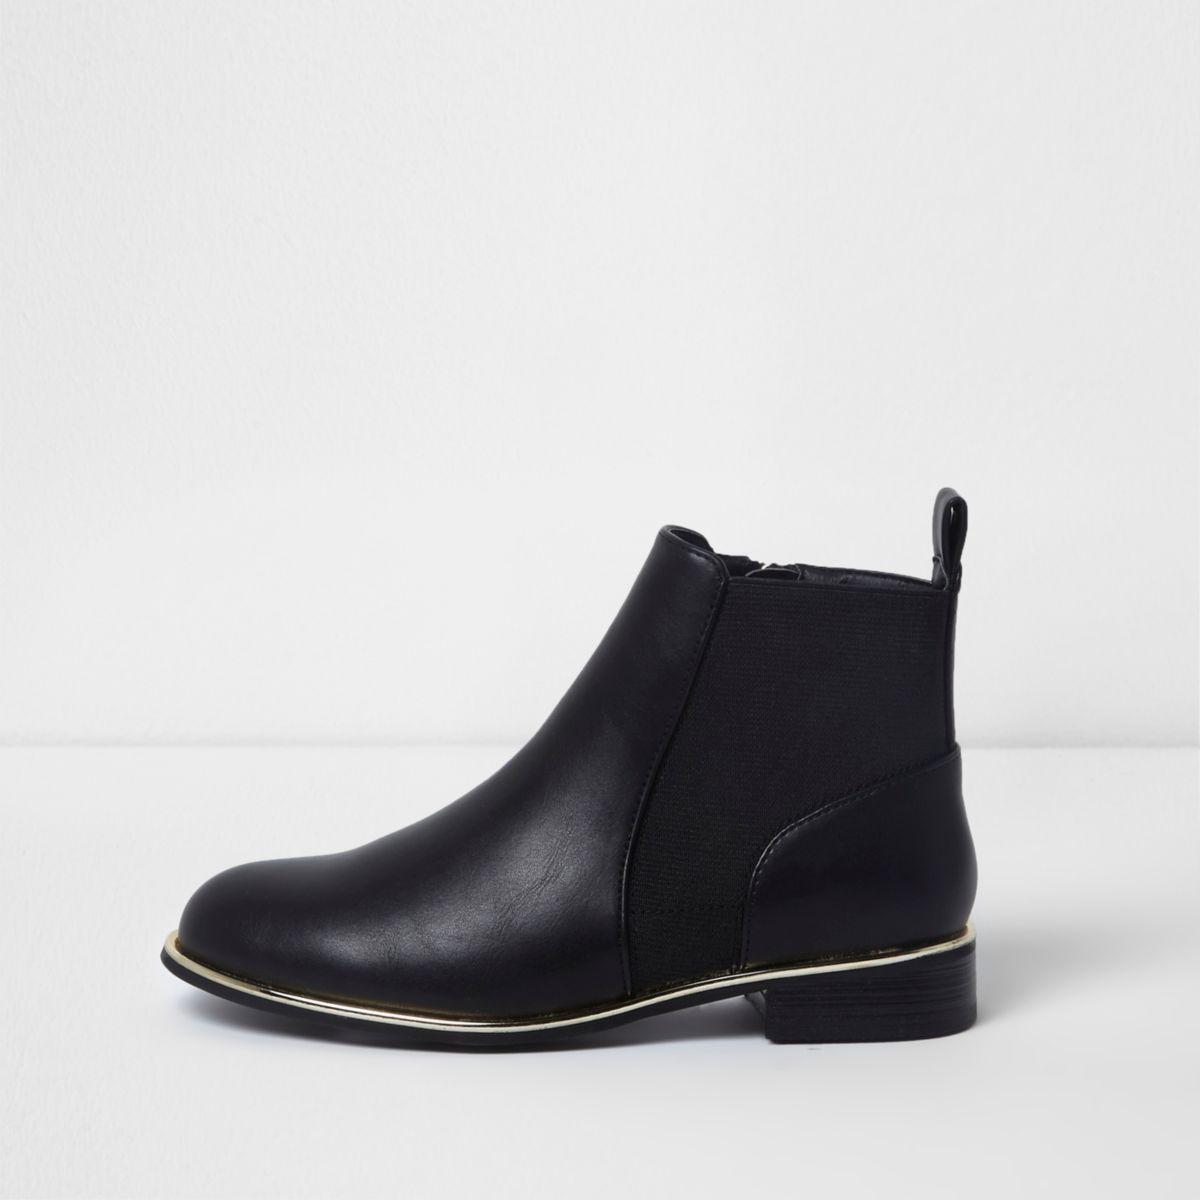 Schwarze Chelsea-Stiefel mit goldener Verzierung